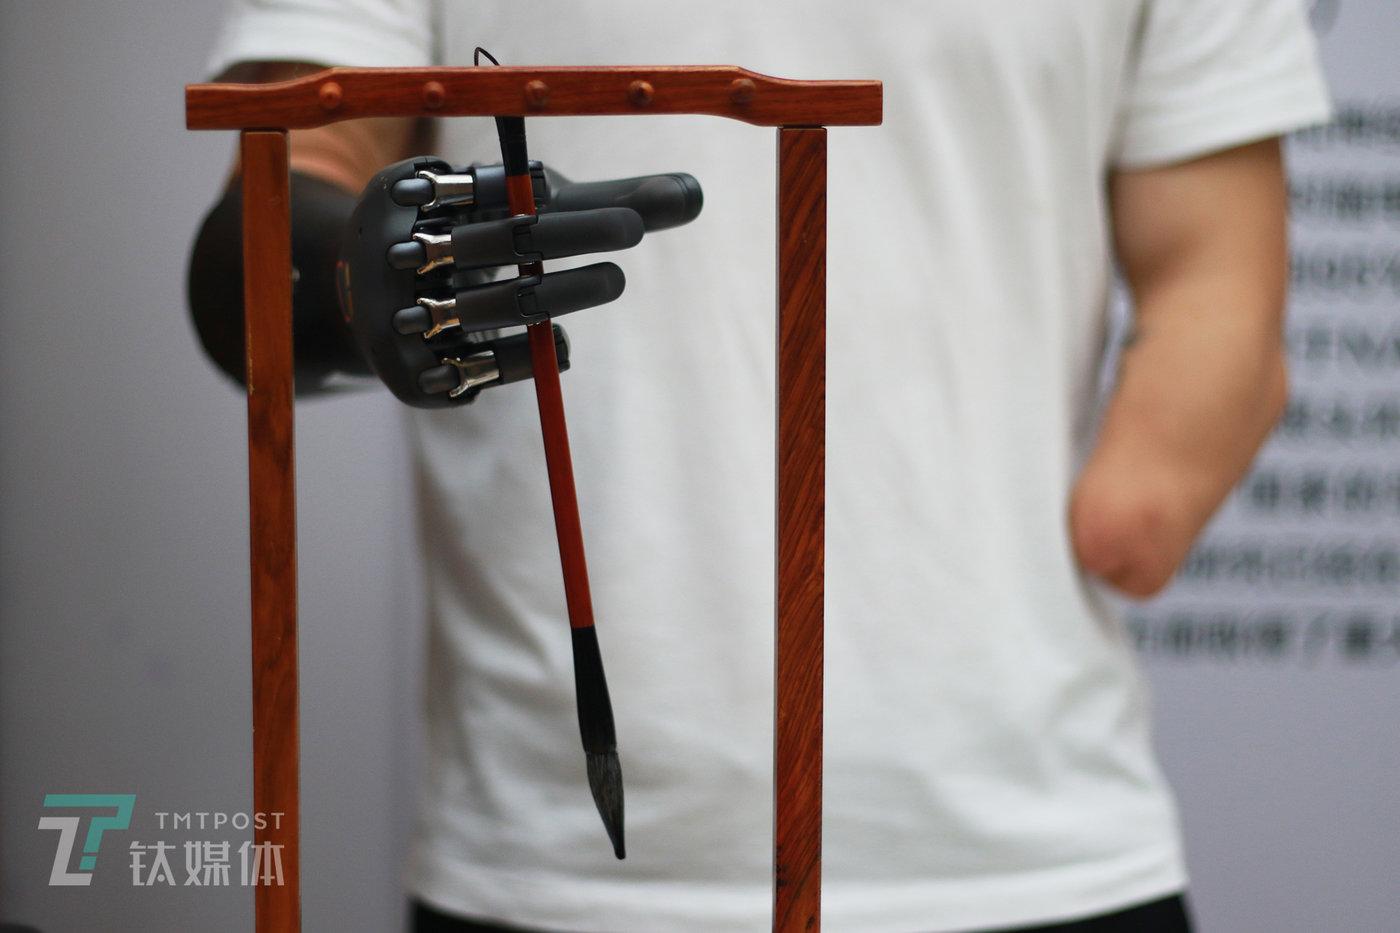 双创周活动现场,倪敏成拿起毛笔准备写字(写字视频见文章开头)。